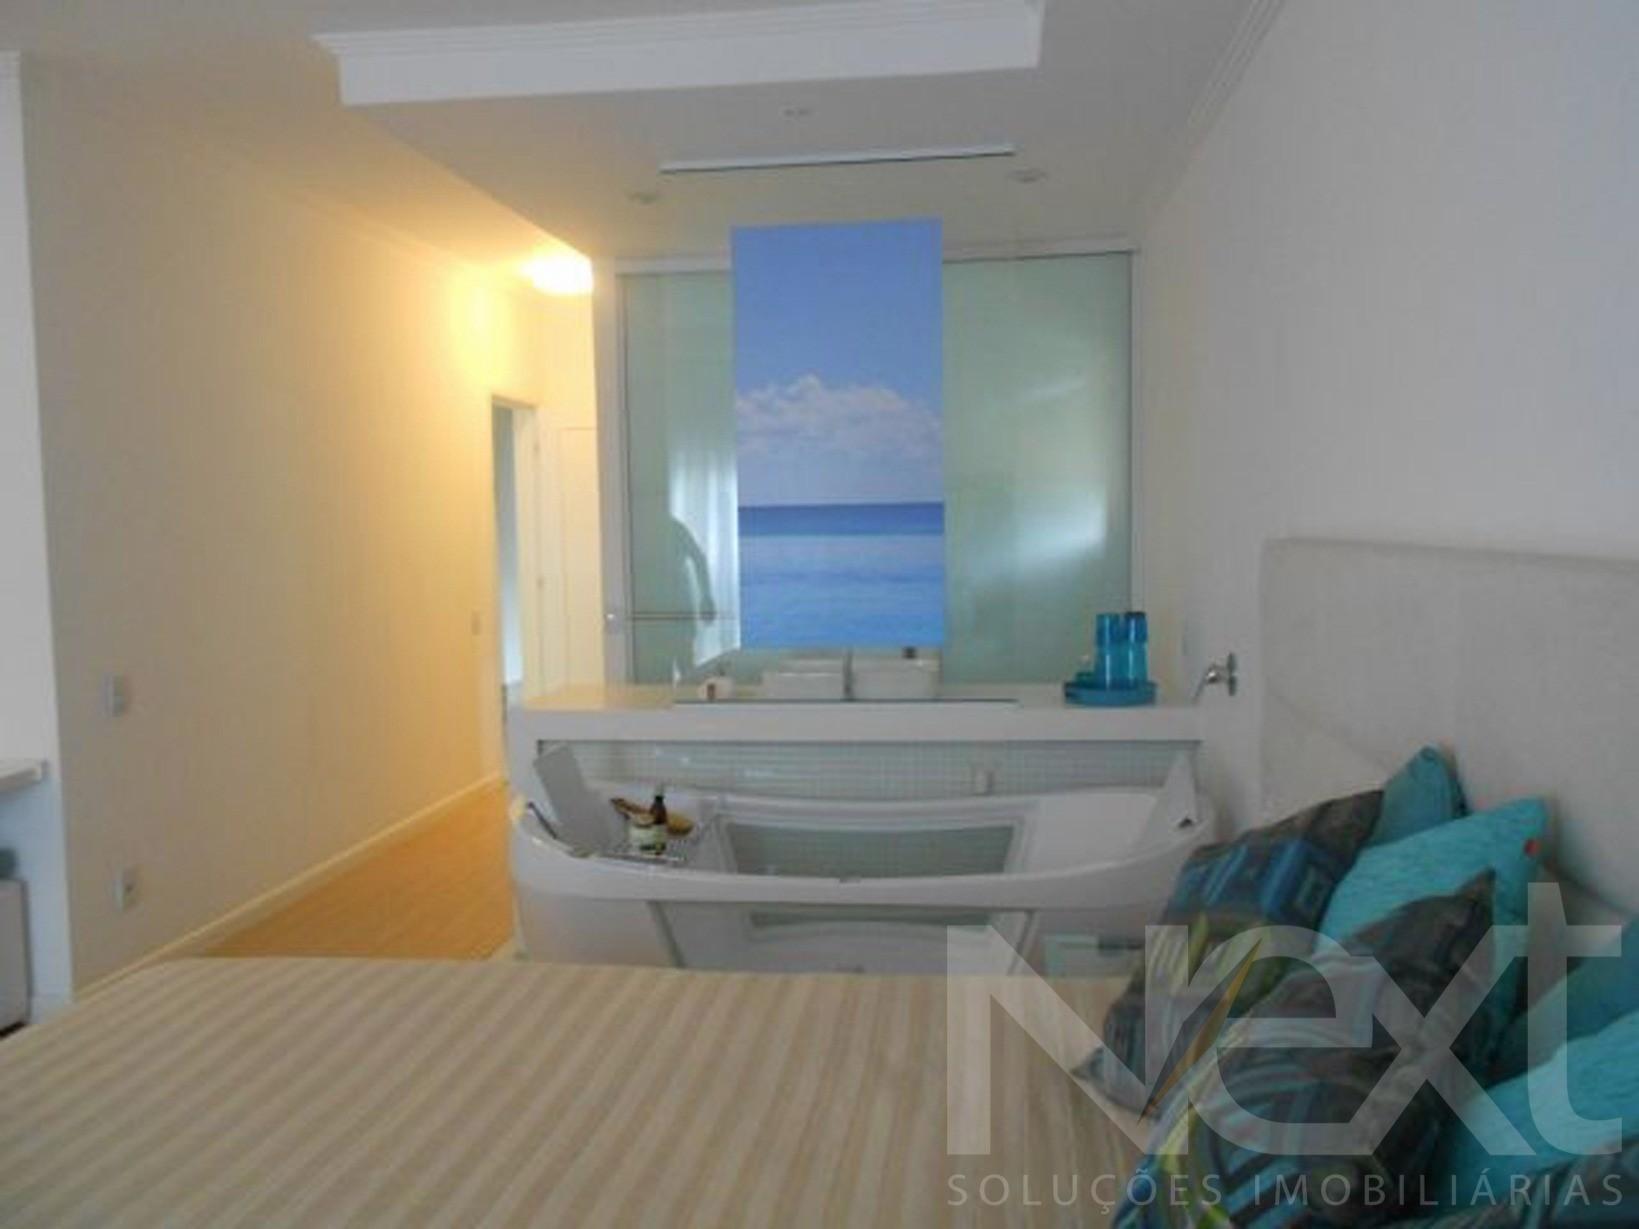 Condomínio de 3 dormitórios à venda em Galleria, Campinas - SP